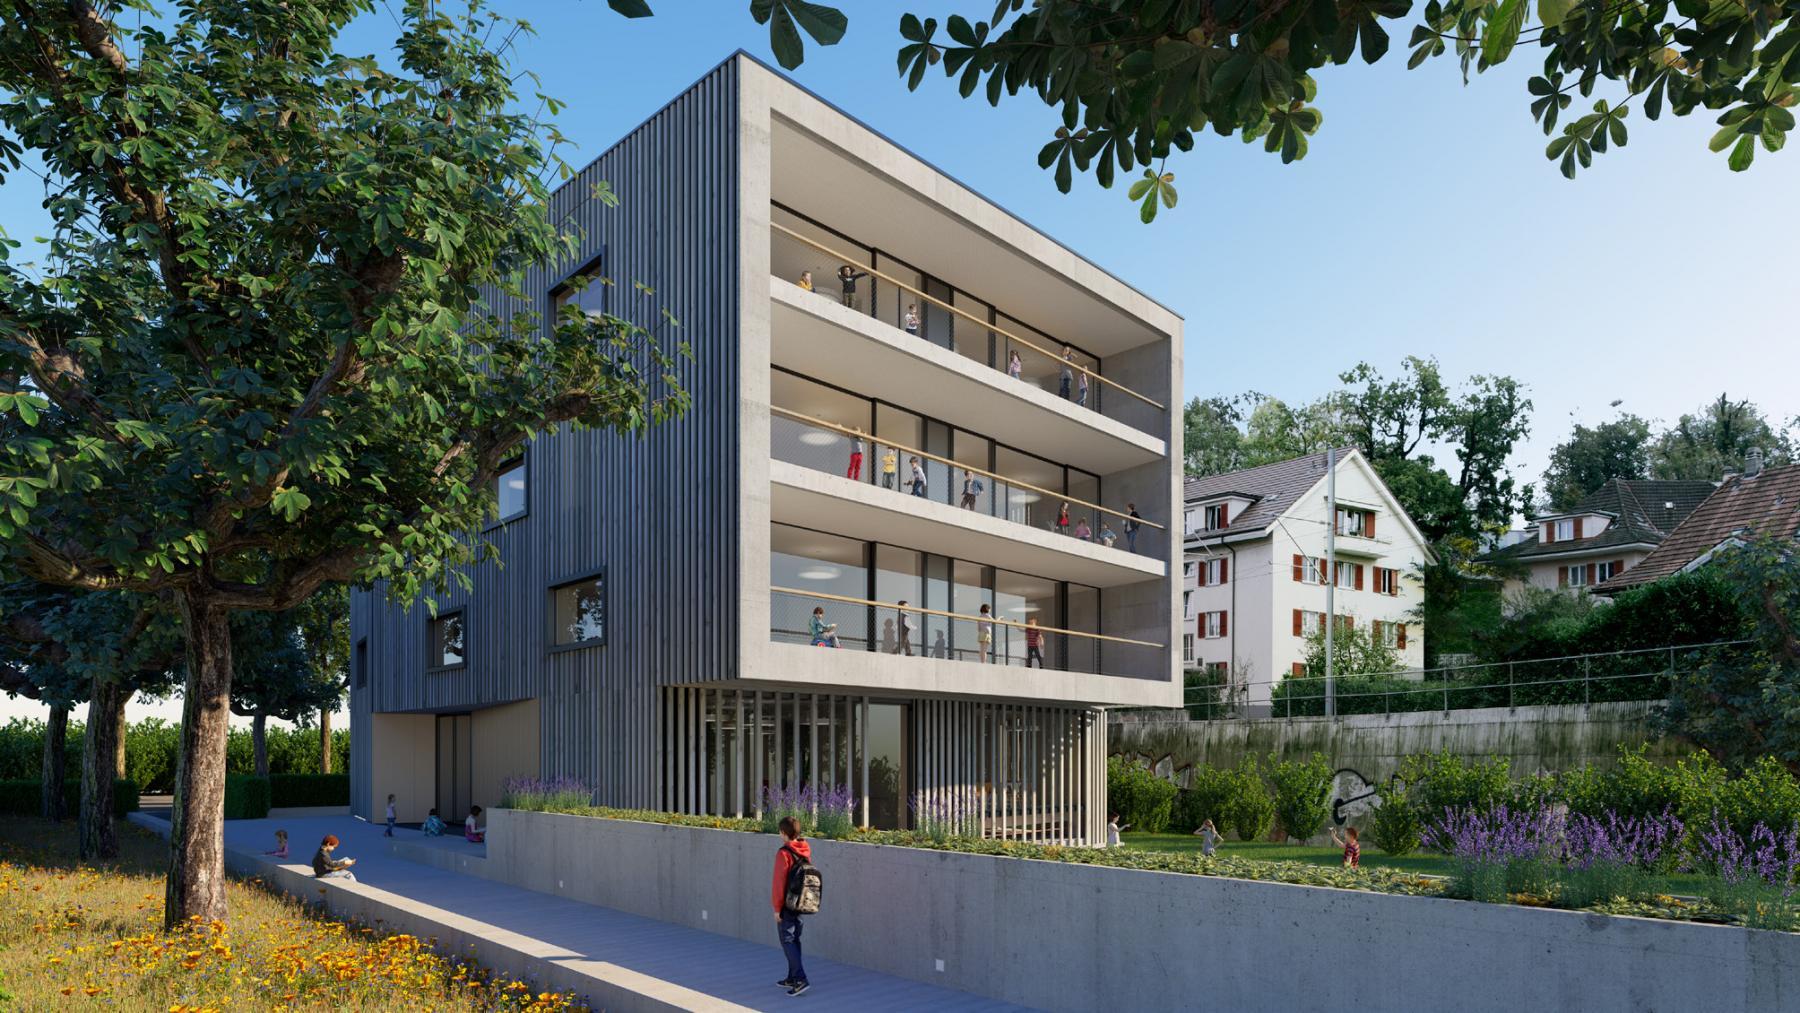 Erweiterung Volksschule Pestalozzi, Bern, Team spaceshop Architekten, so wi di grosse